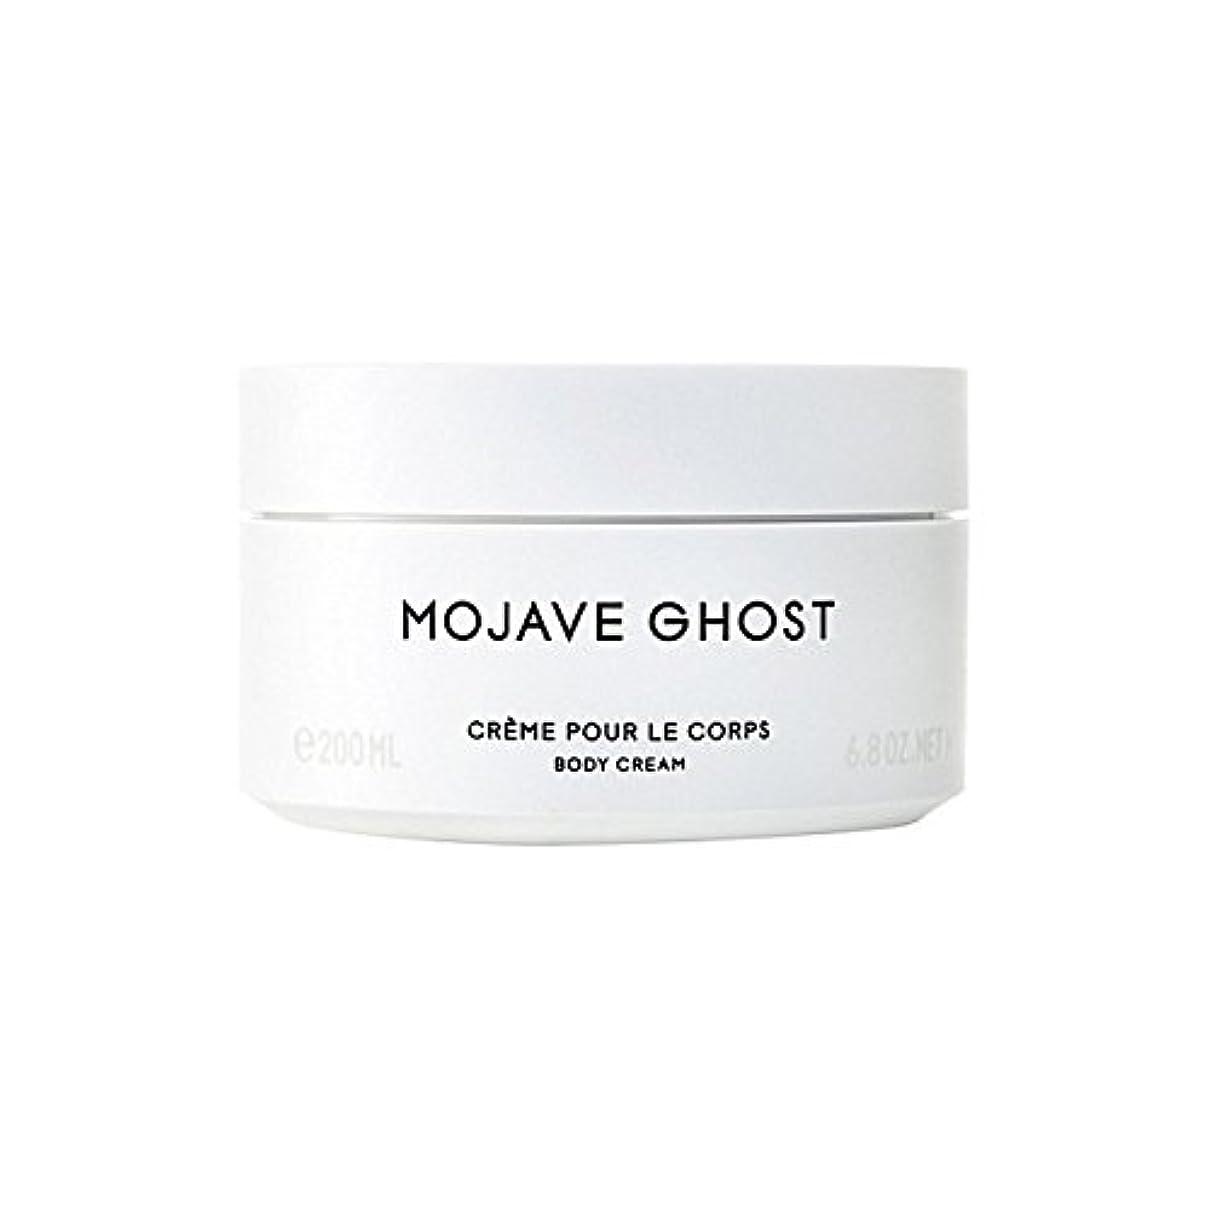 モハーベゴーストボディクリーム200ミリリットル x4 - Byredo Mojave Ghost Body Cream 200ml (Pack of 4) [並行輸入品]